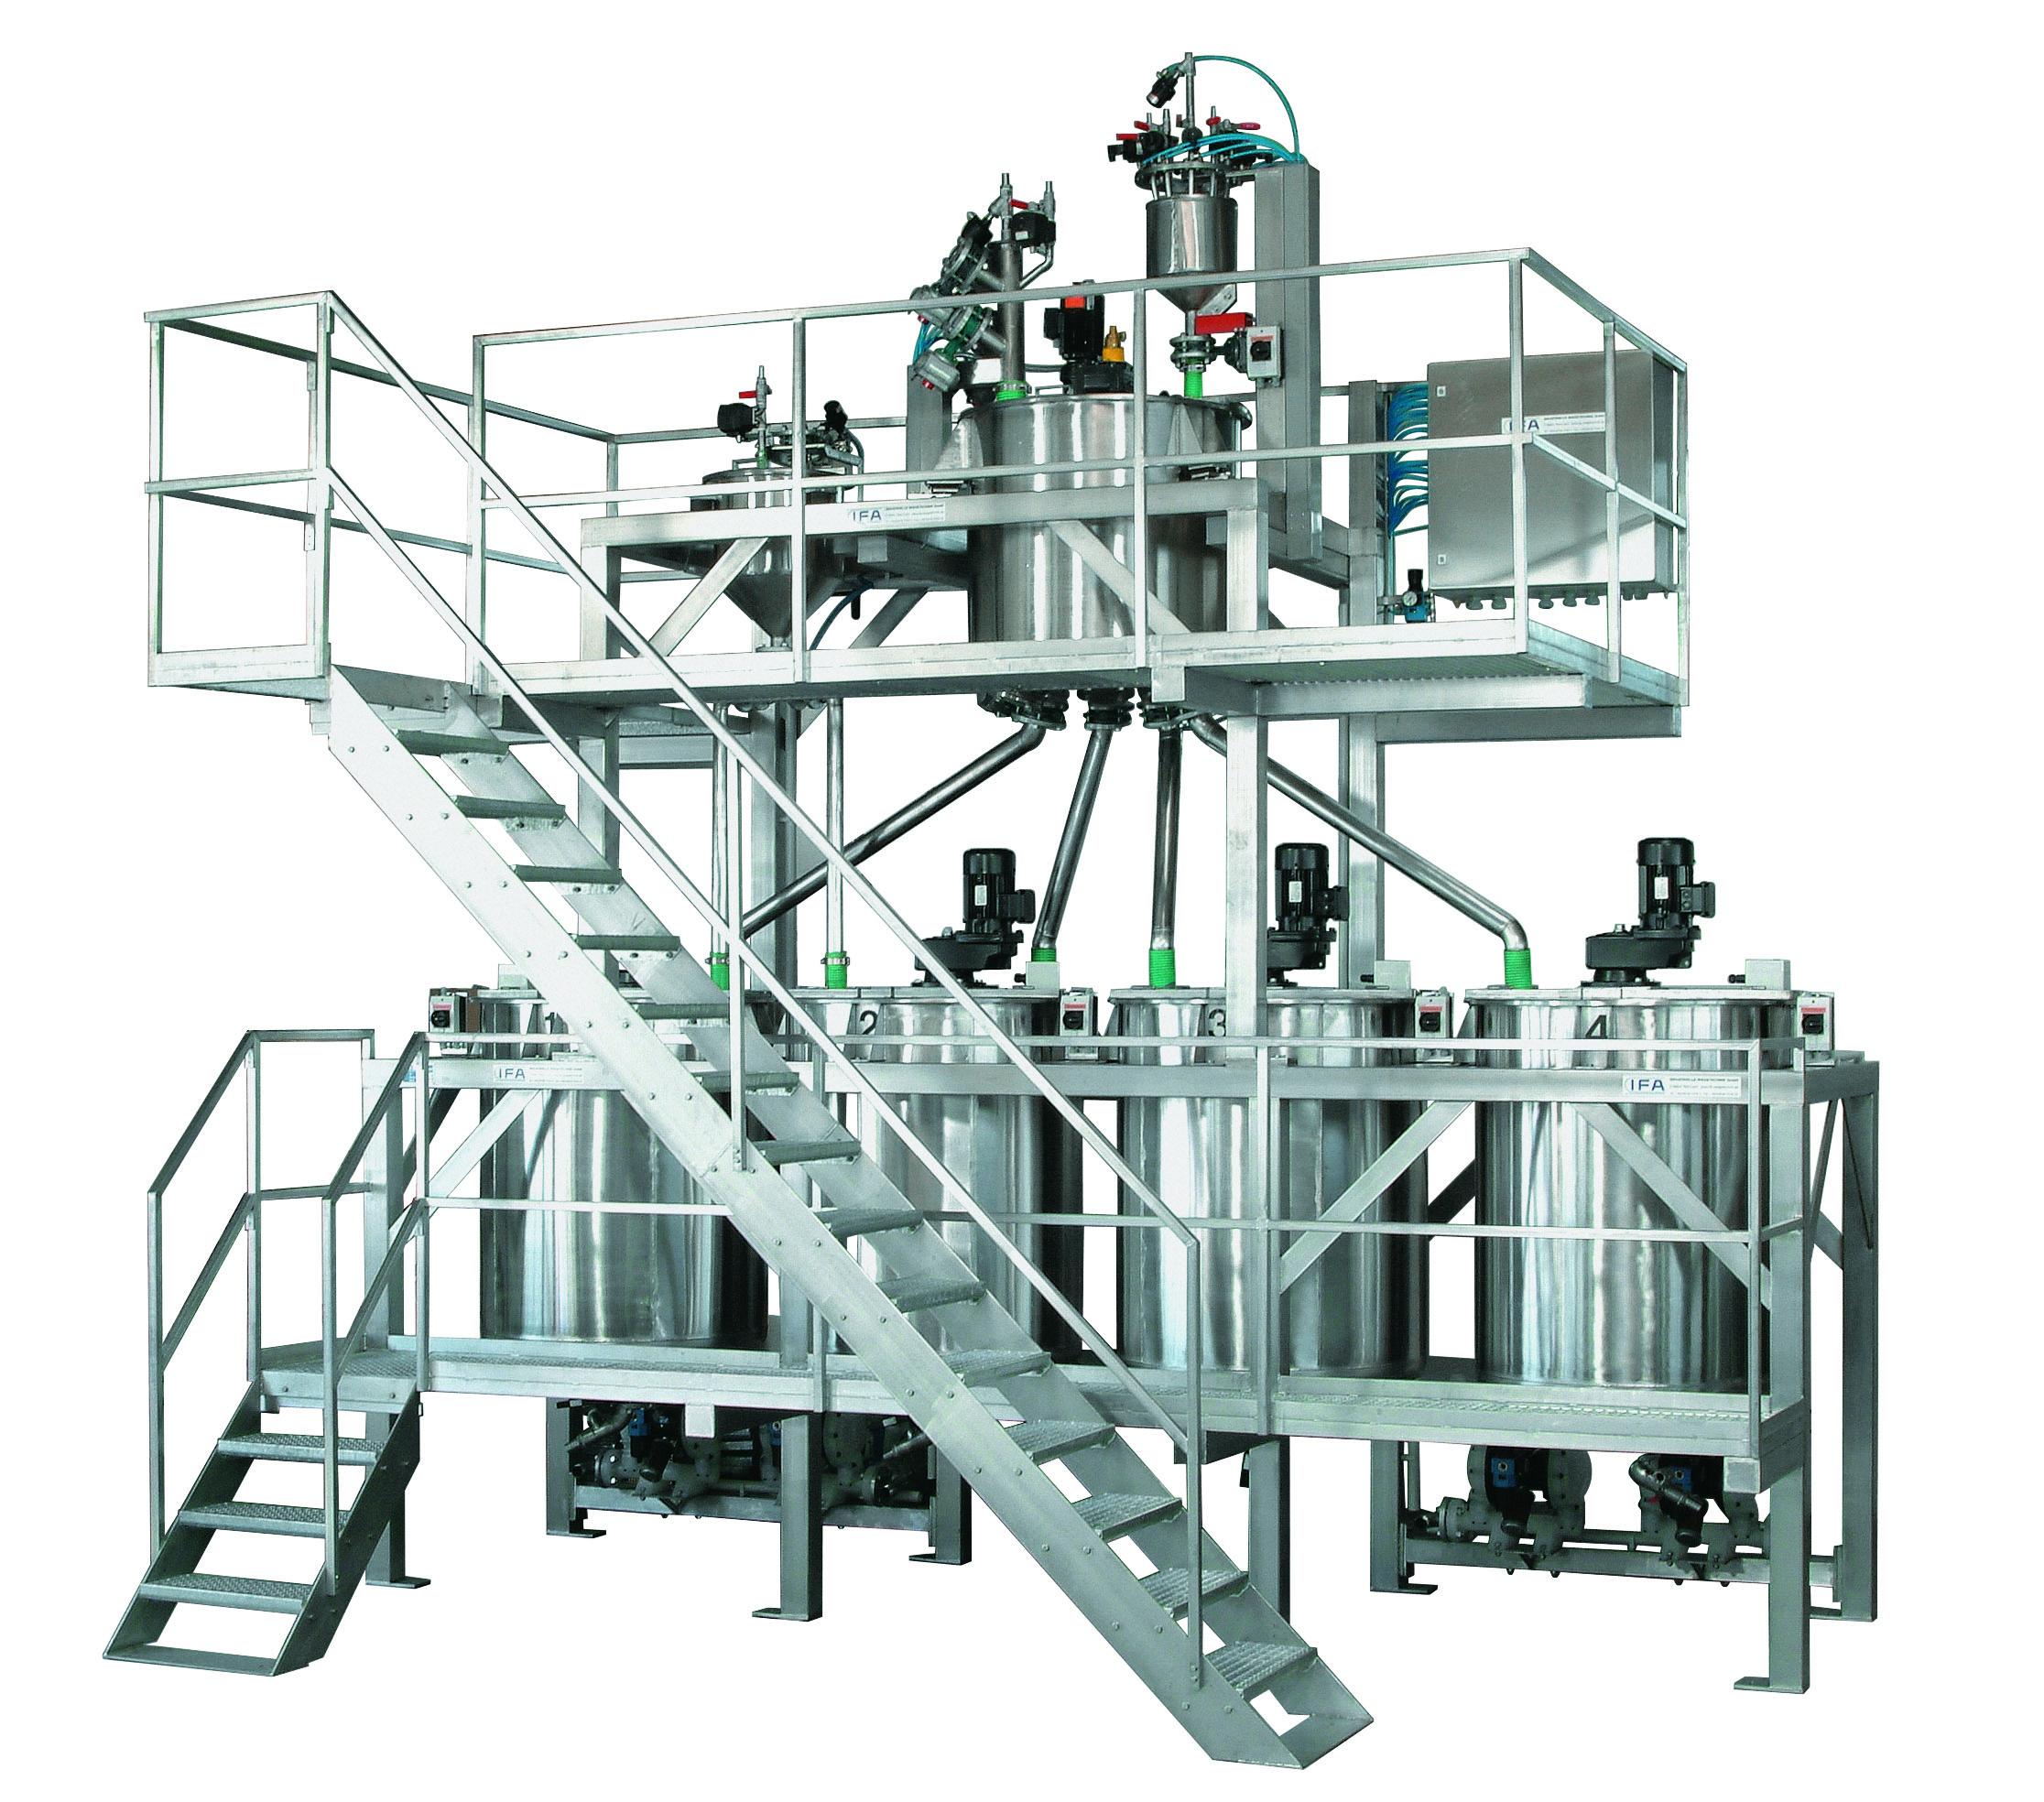 In Abhängigkeit der zur realisierenden Produktionskapazität, der zur Verfügung stehenden Raumgröße, die Anzahl und Eigen